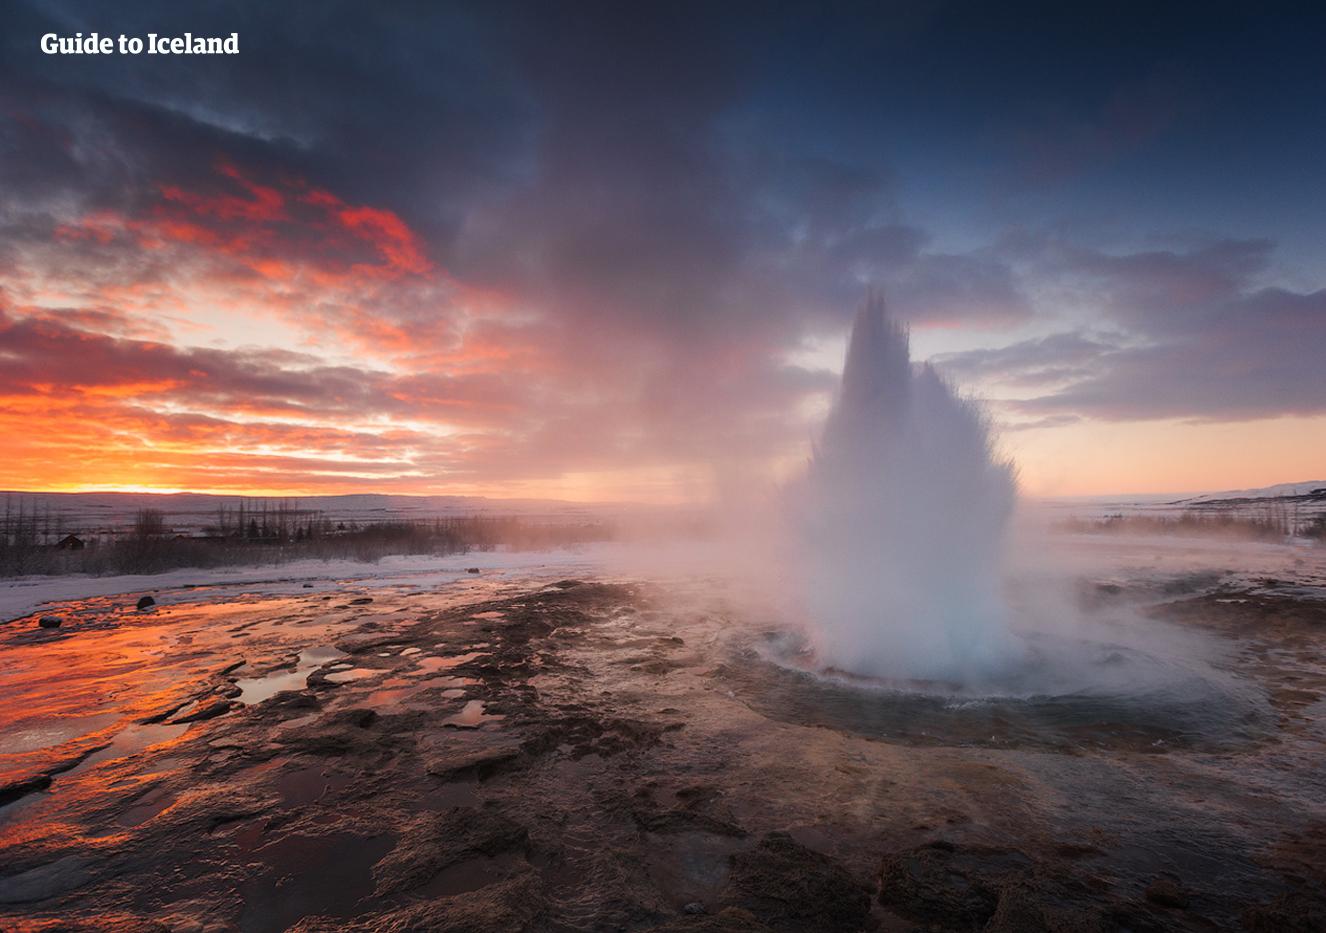 真冬の冷たい空気の中でも熱湯を噴出させるストロックル間欠泉